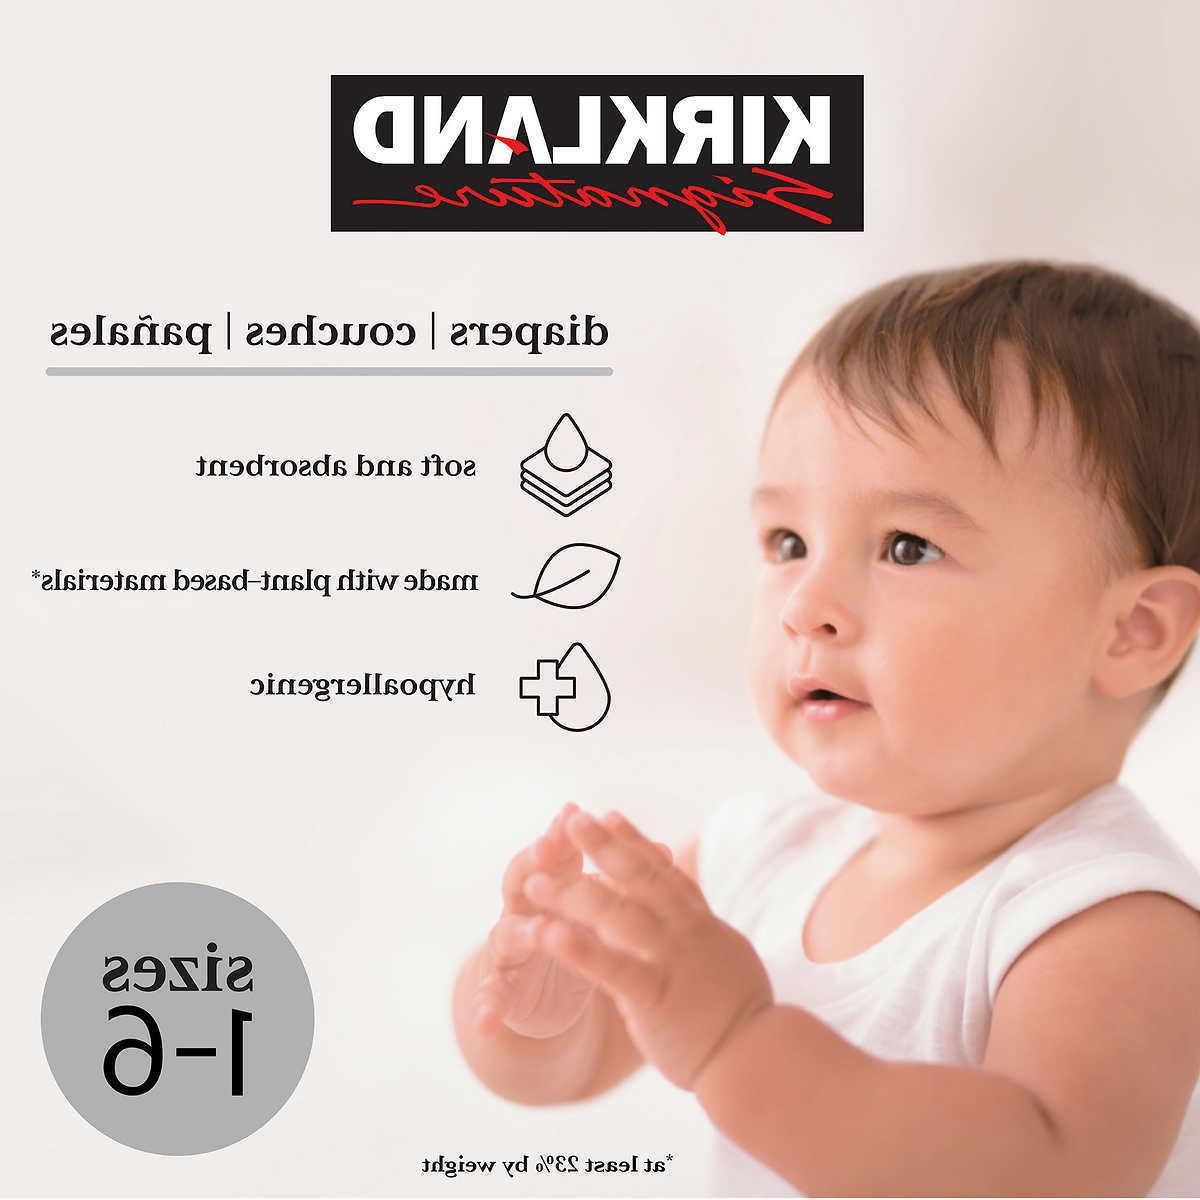 signature diapers sizes 1 6